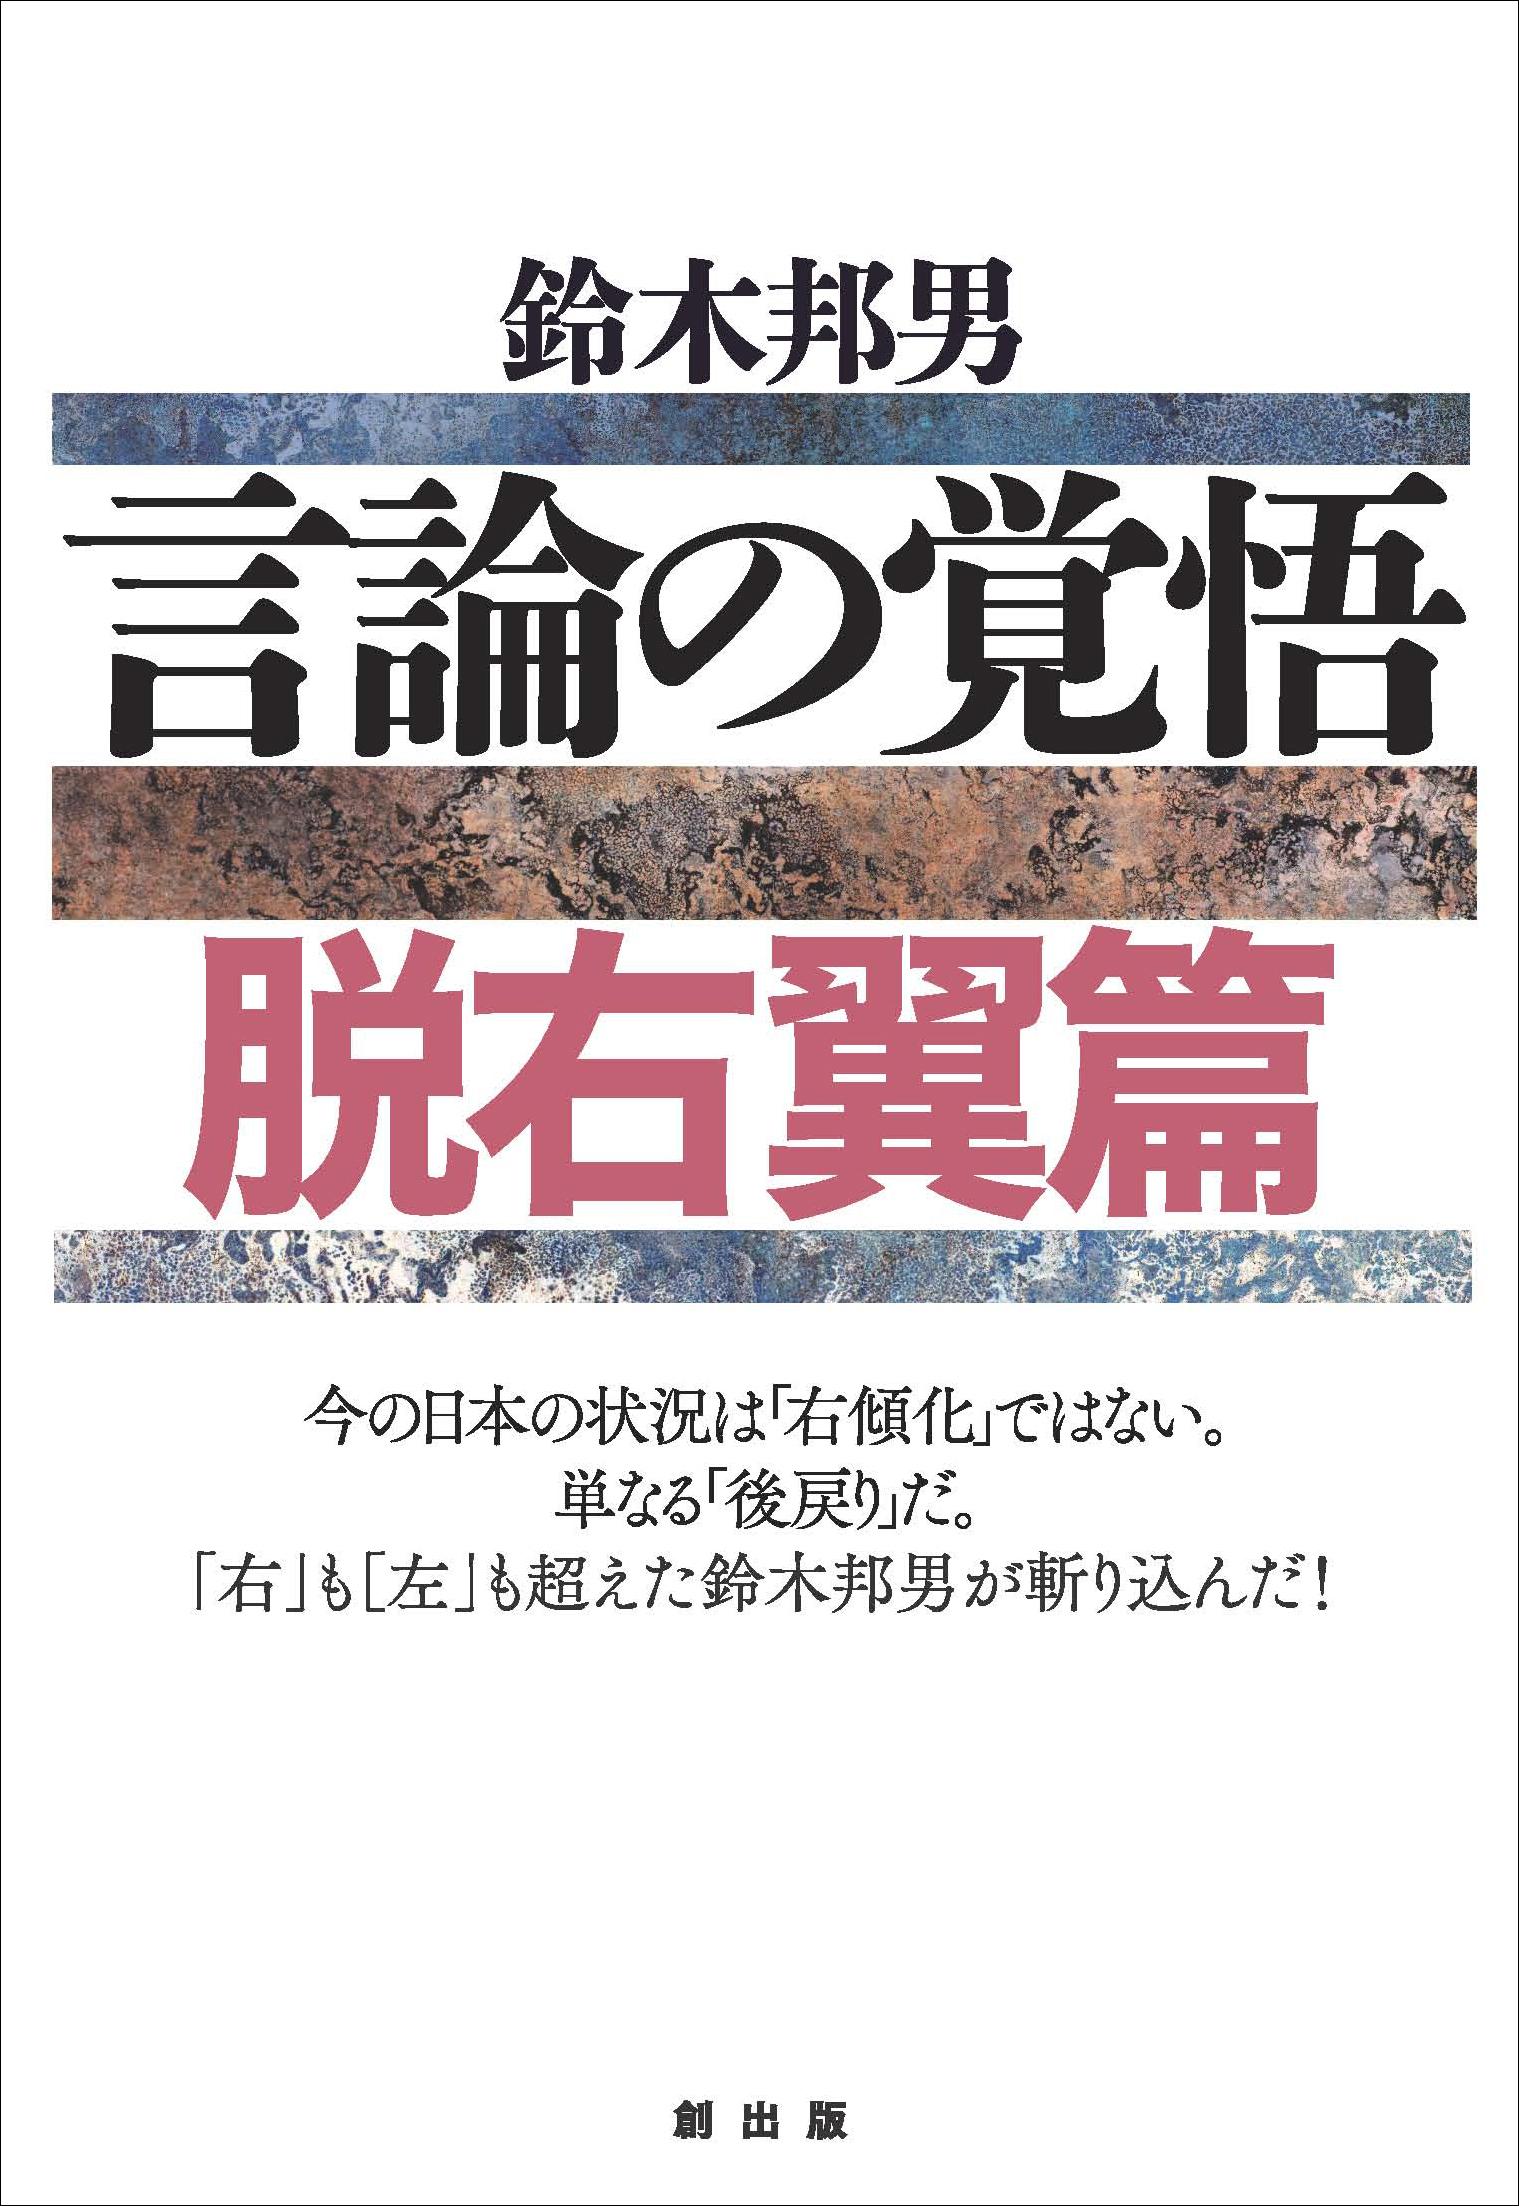 鈴木邦男さん新刊発売!20日にトーク&サイン会